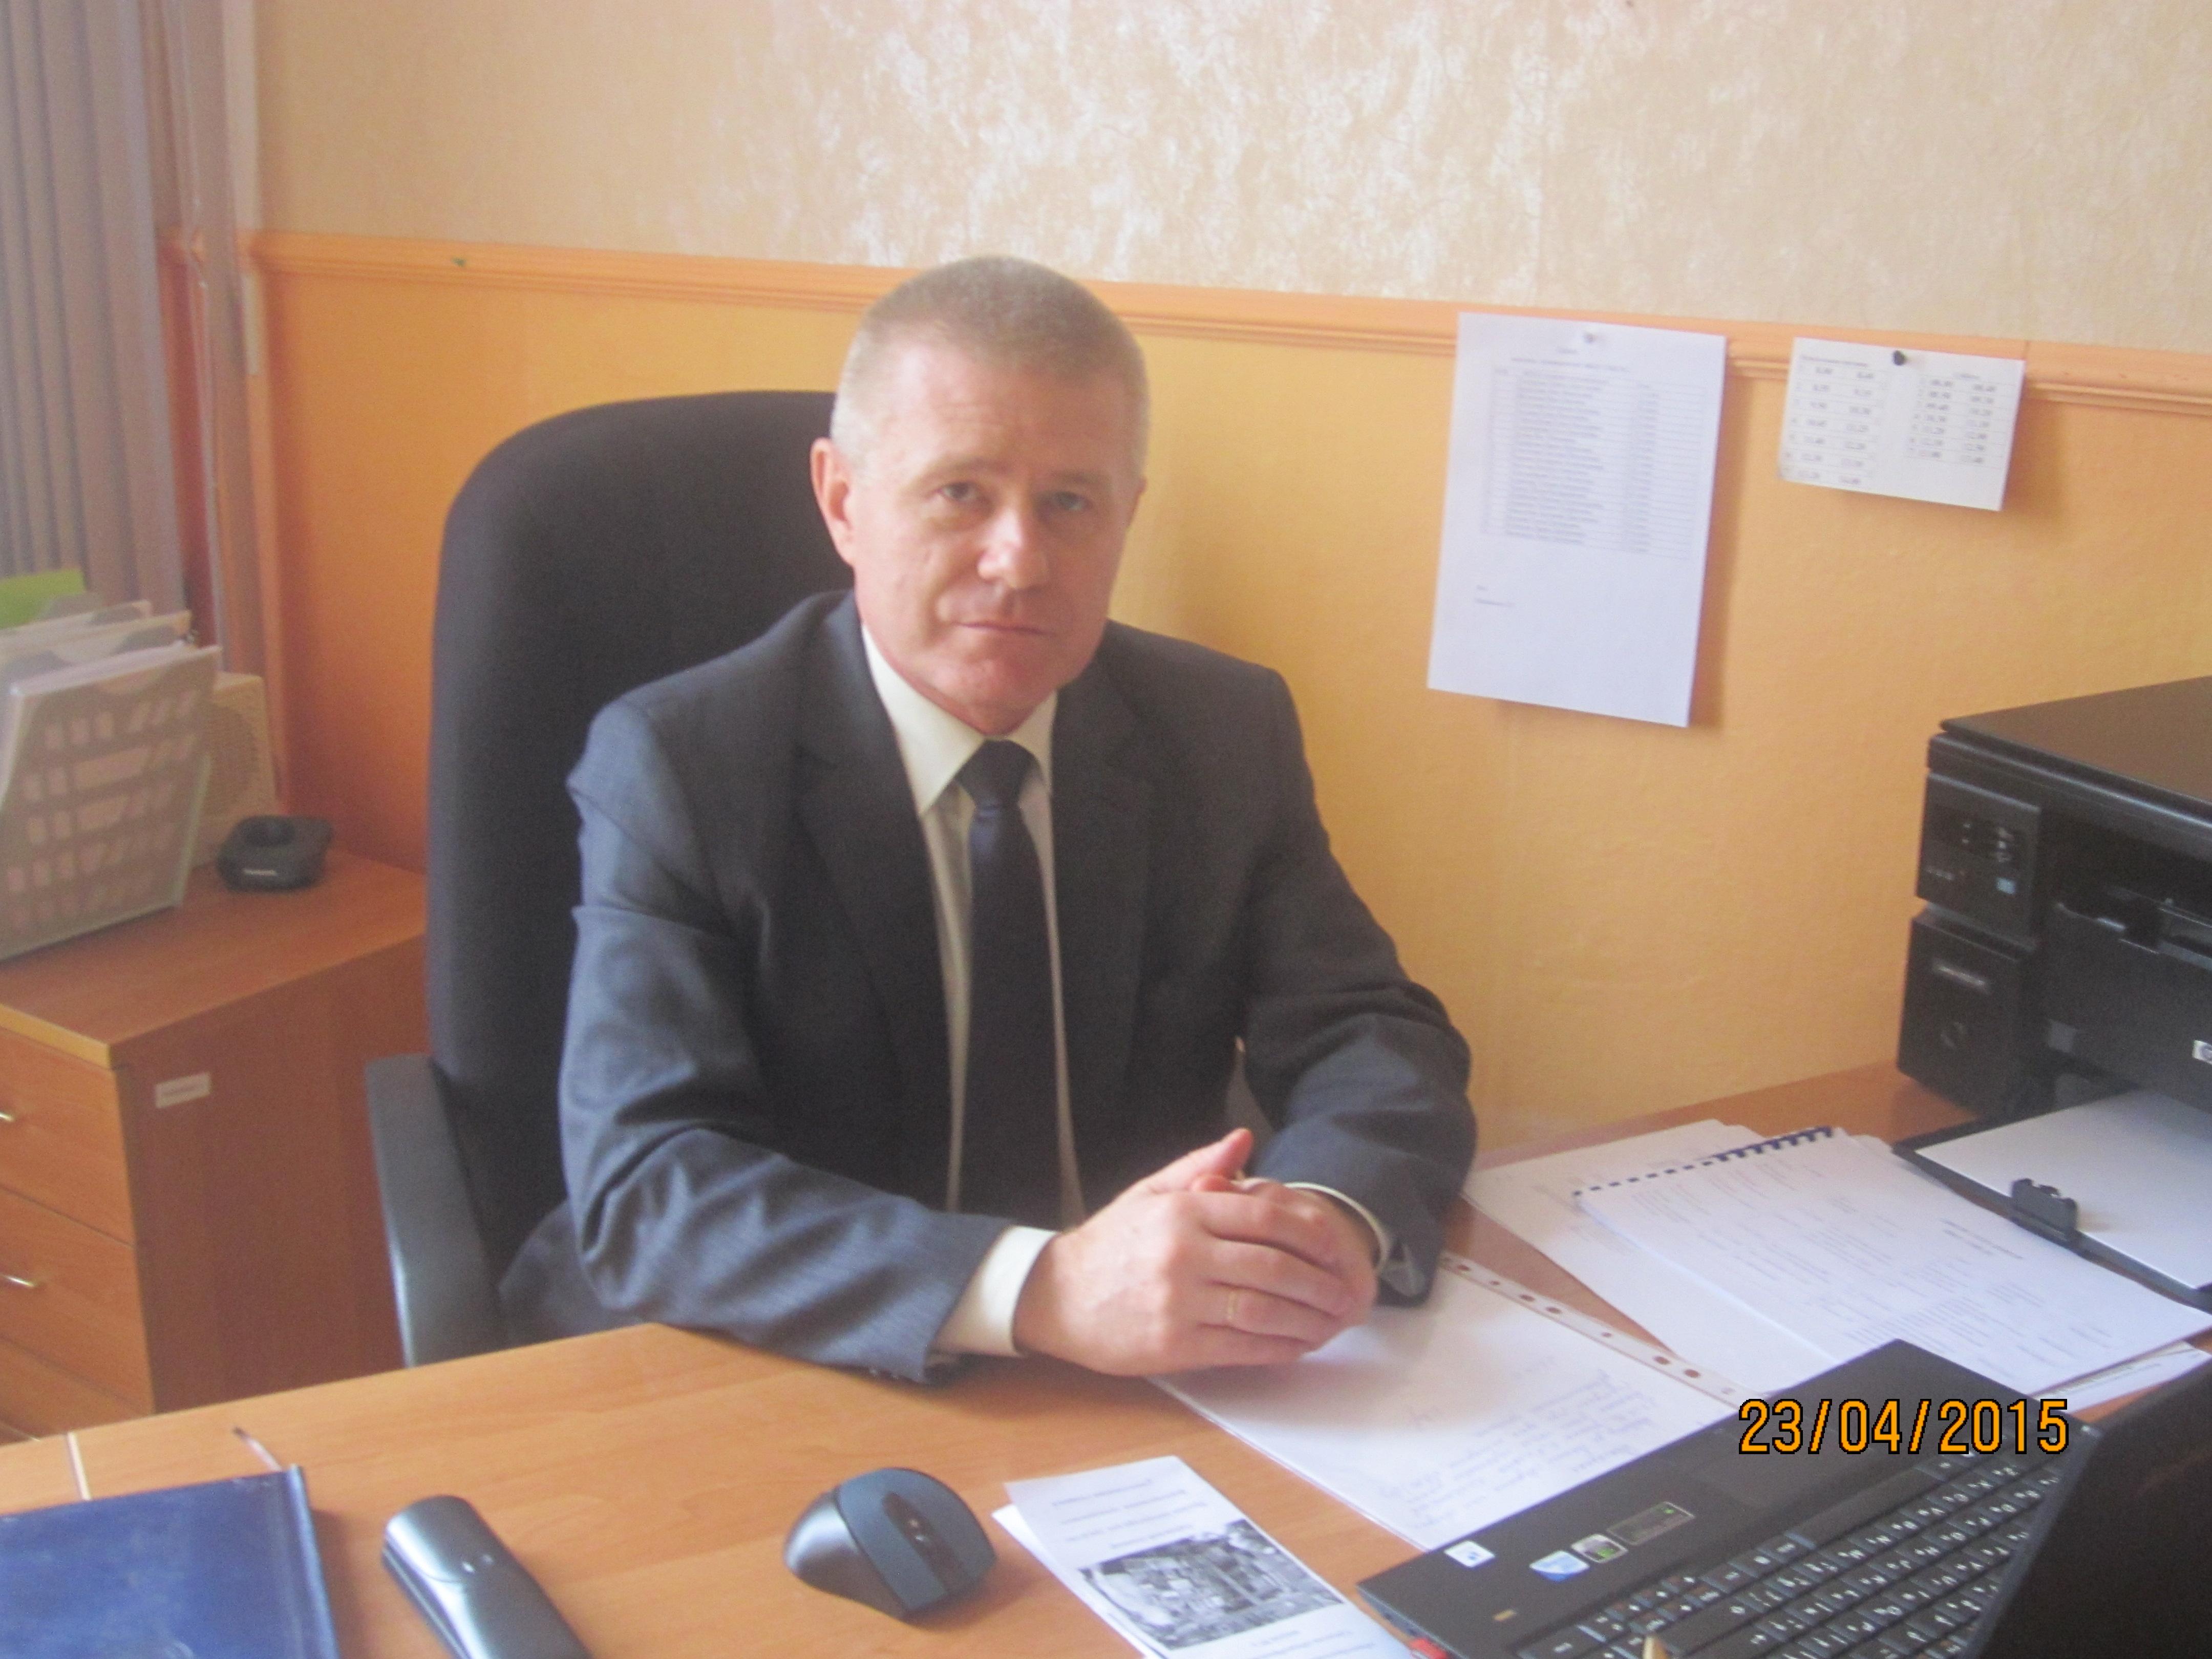 Директор: Коломиец Михаил Николаевич